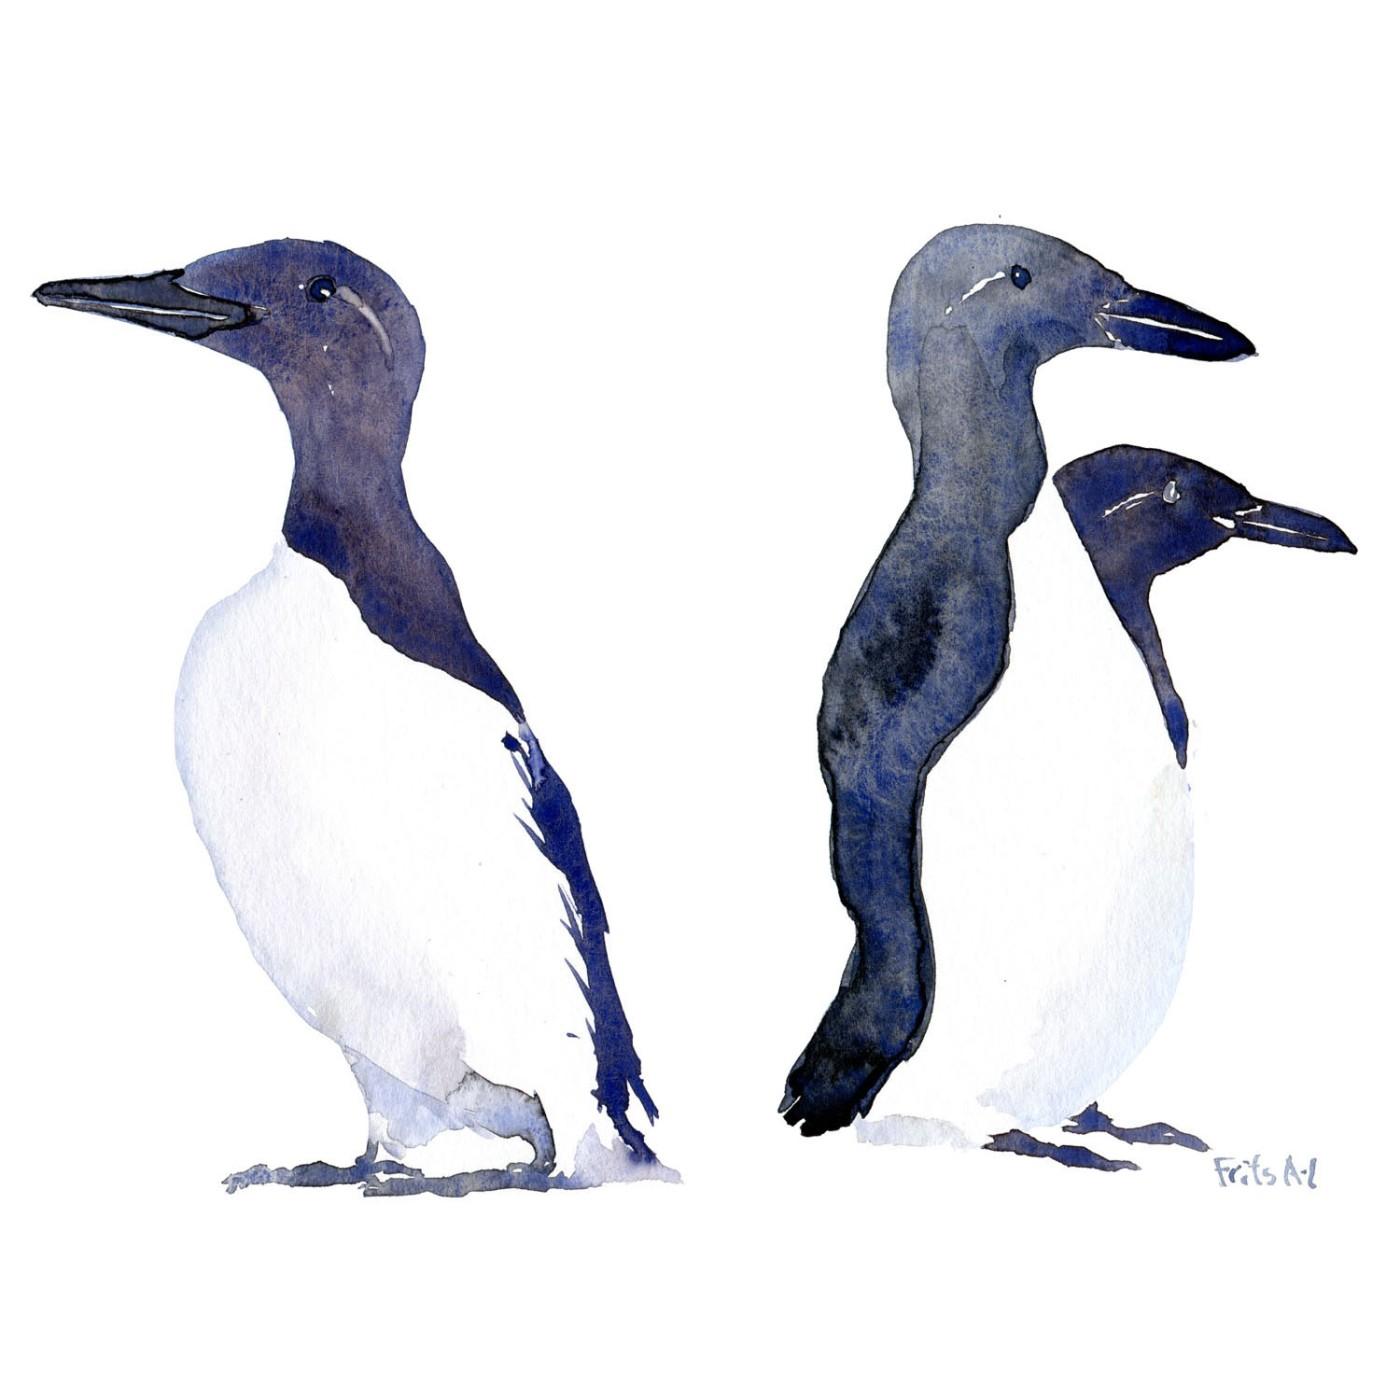 Lomvie fugle akvarel af Frits Ahlefeldt, Biodiversitet i Danmark illustration